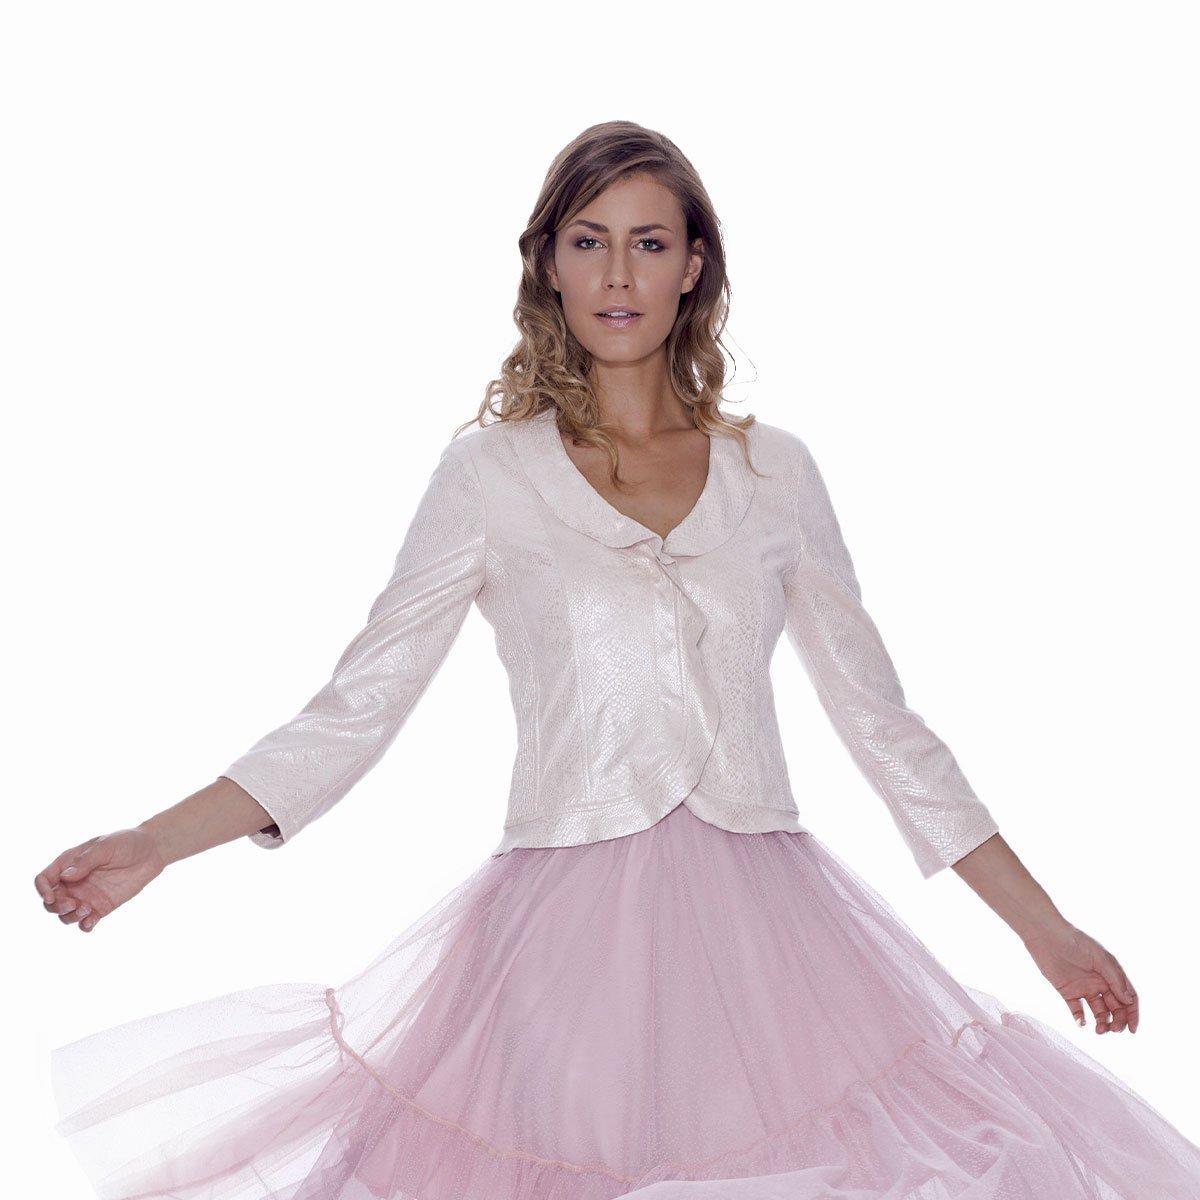 abbinamenti-vestiti-vestiti-alla-moda